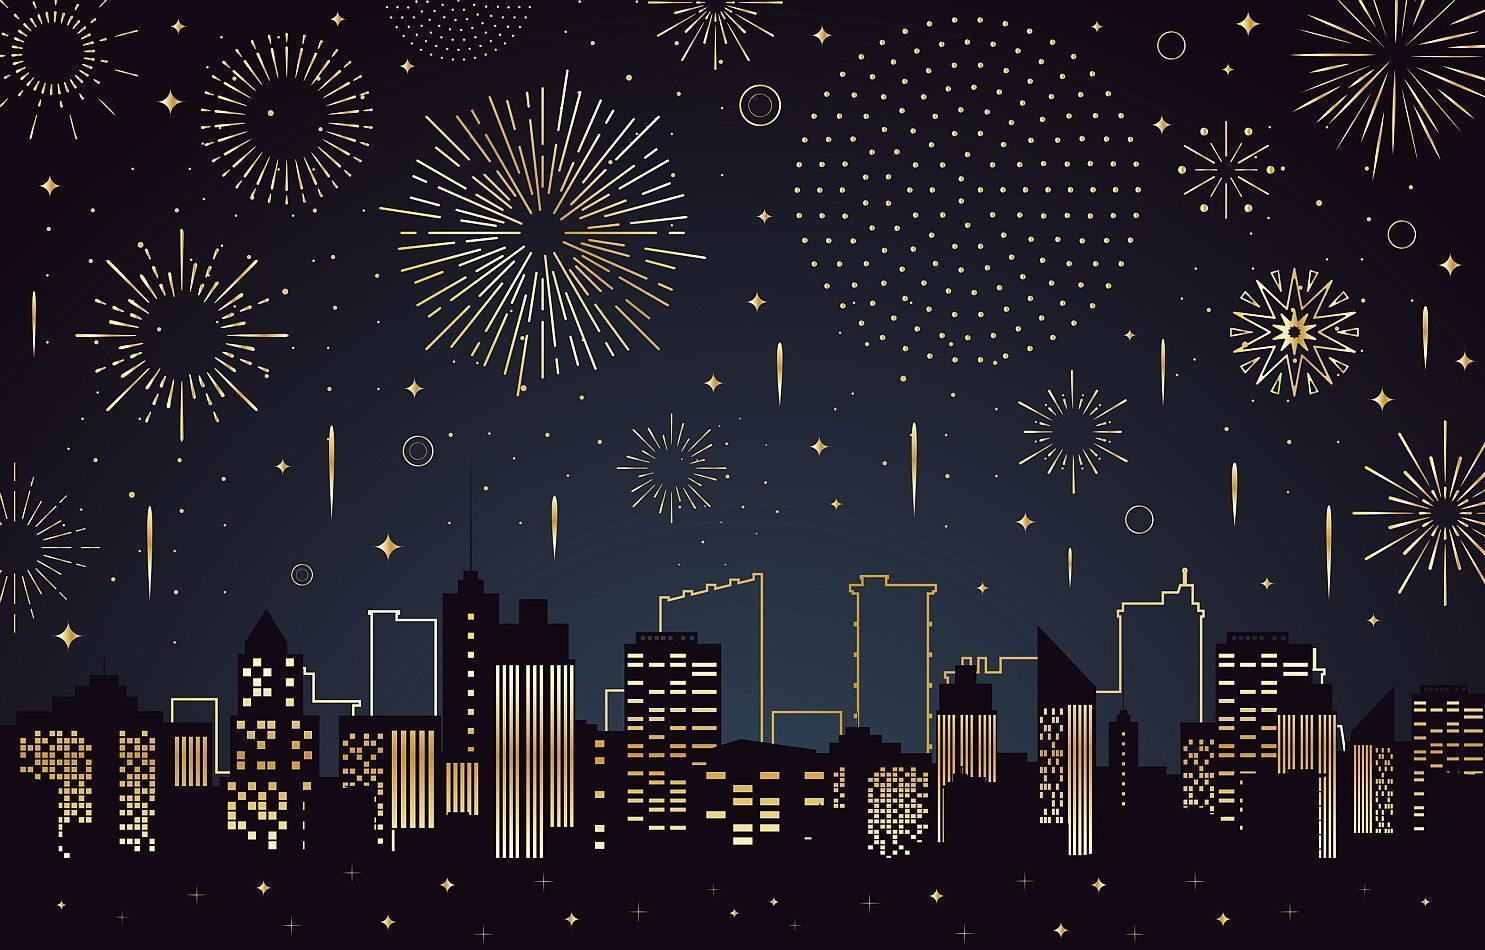 Landschaft des Feuerwerks über einer Stadtgebäudeschattenbild vektor